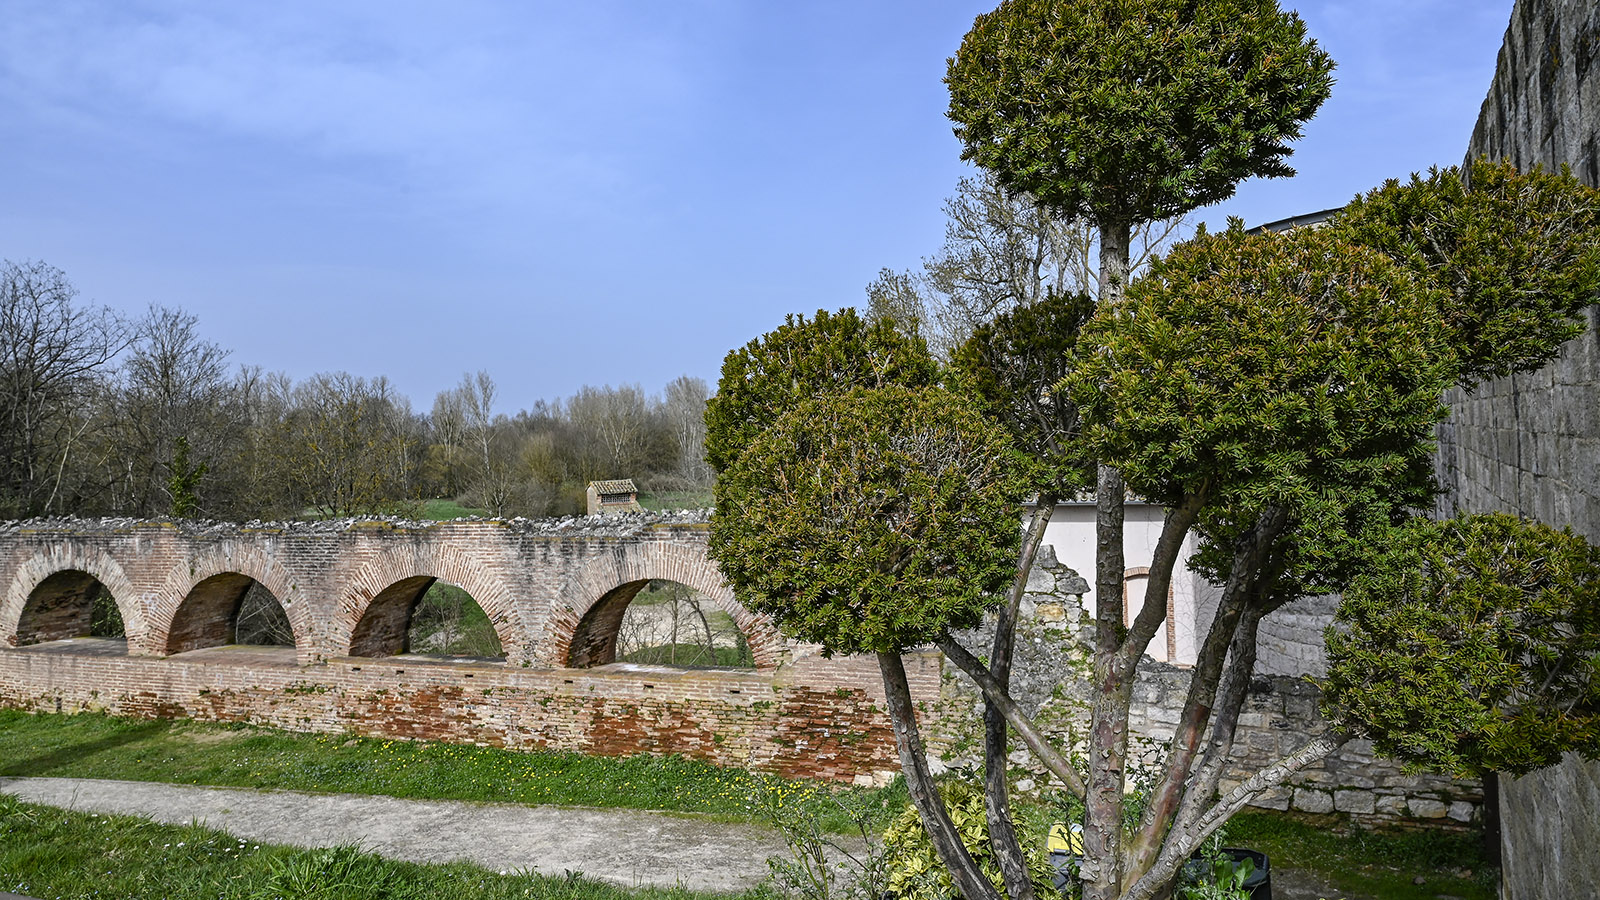 Nègrepelisse: La Cuisine ist eingebettet in einen Park, in de, auch dieses Äquadukt erhalten ist. Foto: Hilke Maunder